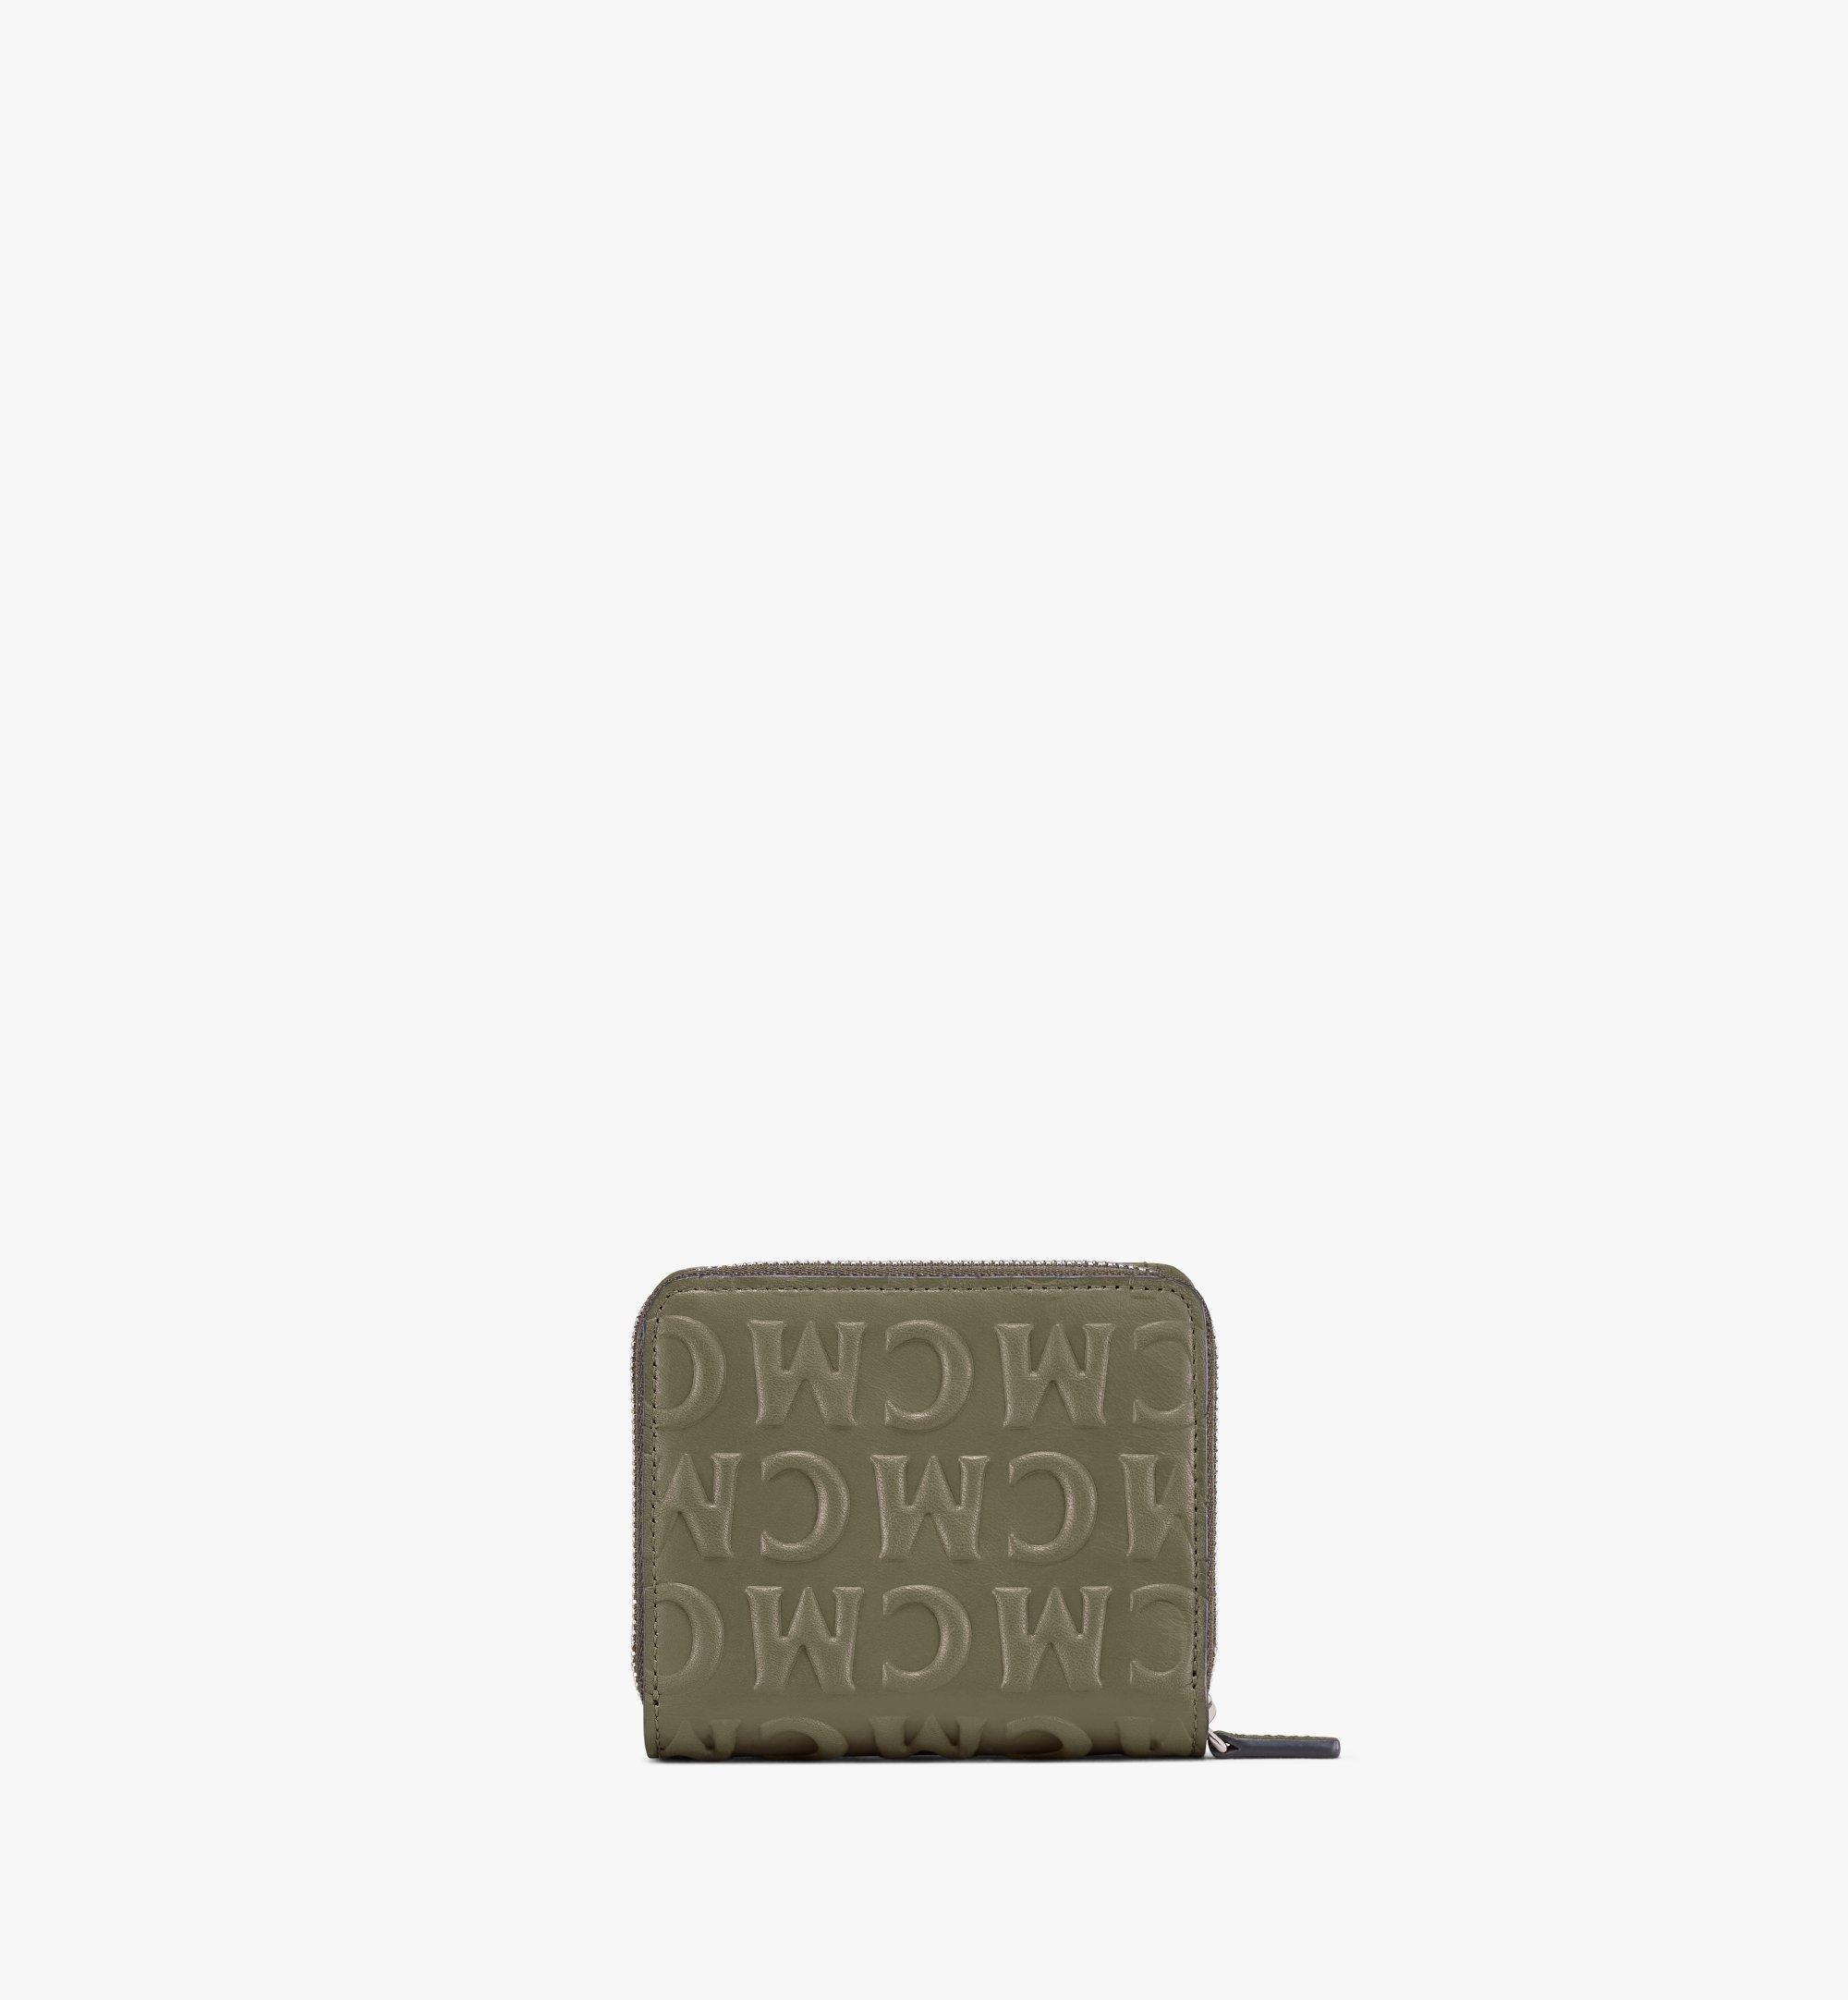 MCM Zip Wallet in MCM Monogram Leather Green MXLAAMD01JH001 Alternate View 2